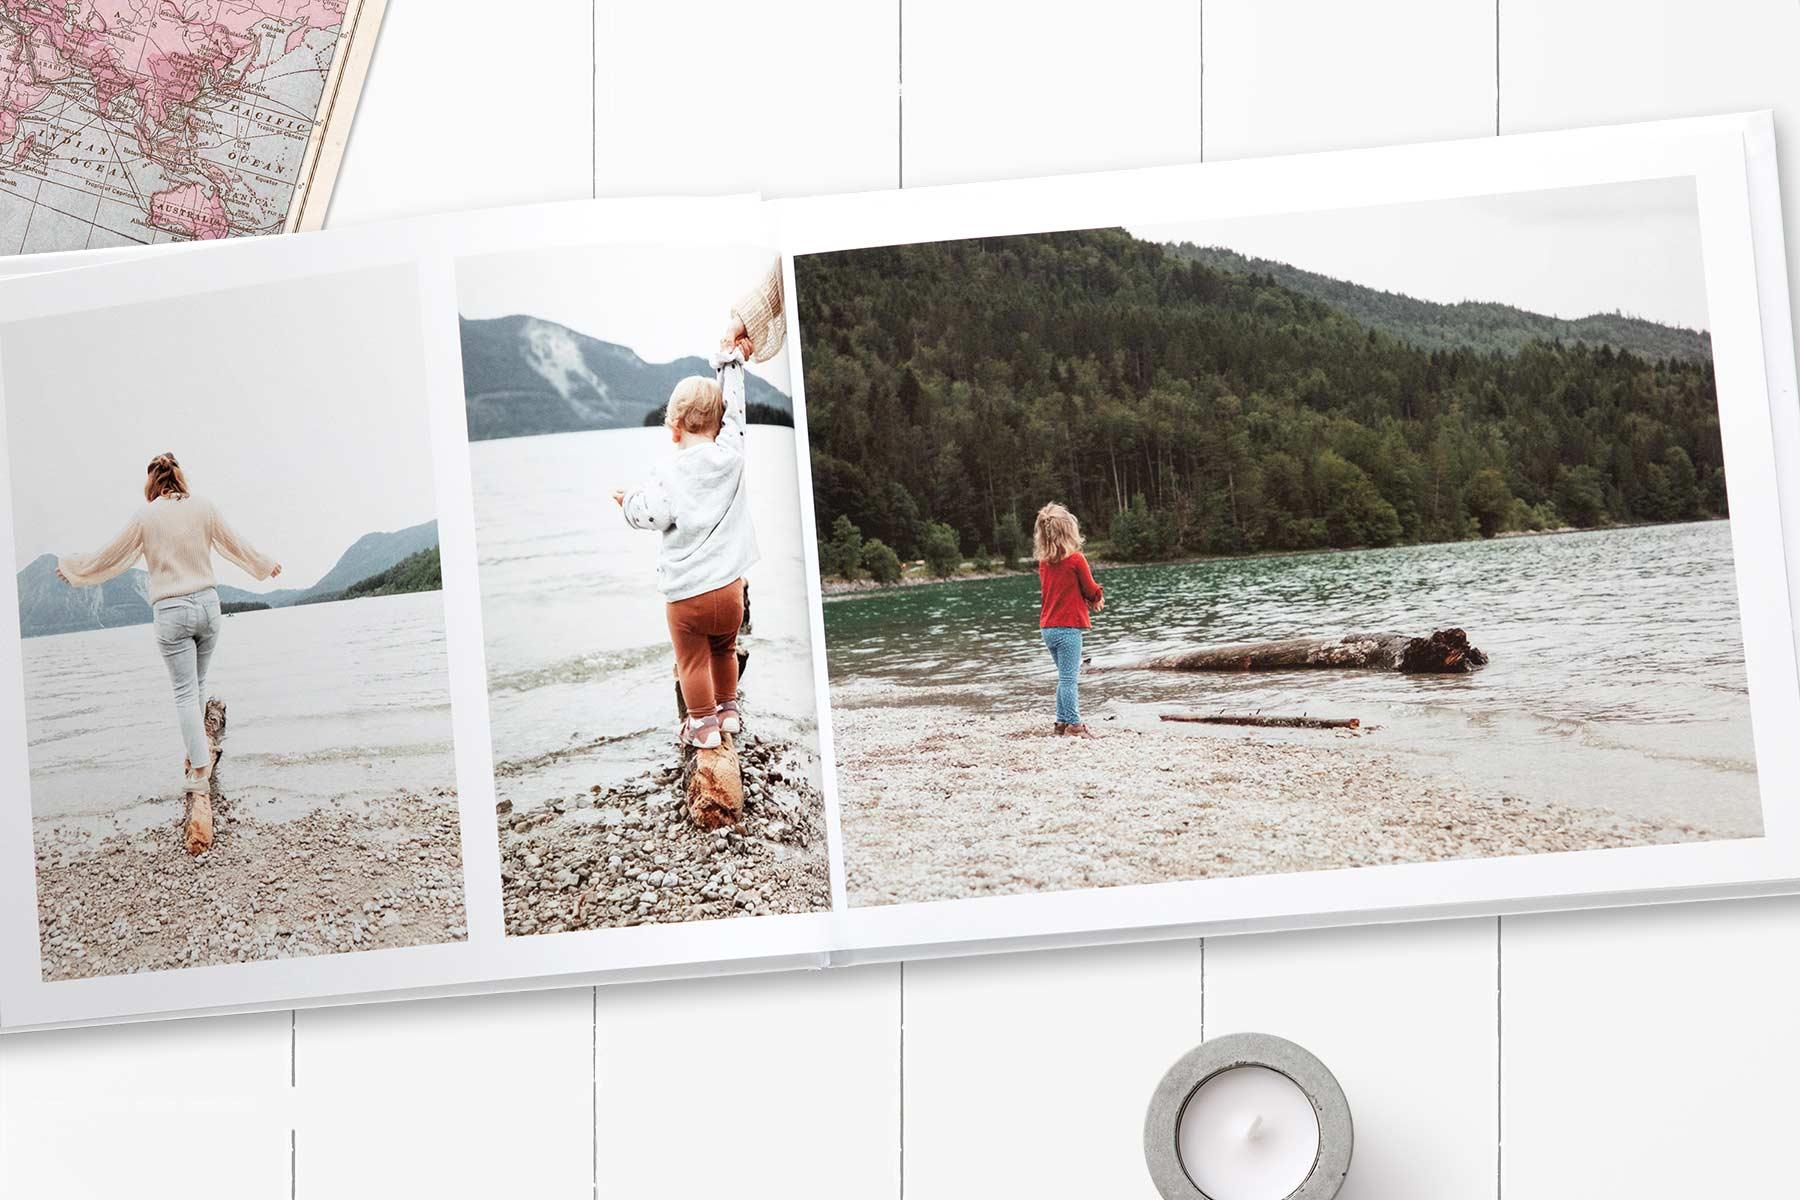 Aufgeschlagenes Fotobuch mit Fotos aus unserem letzten Urlaub